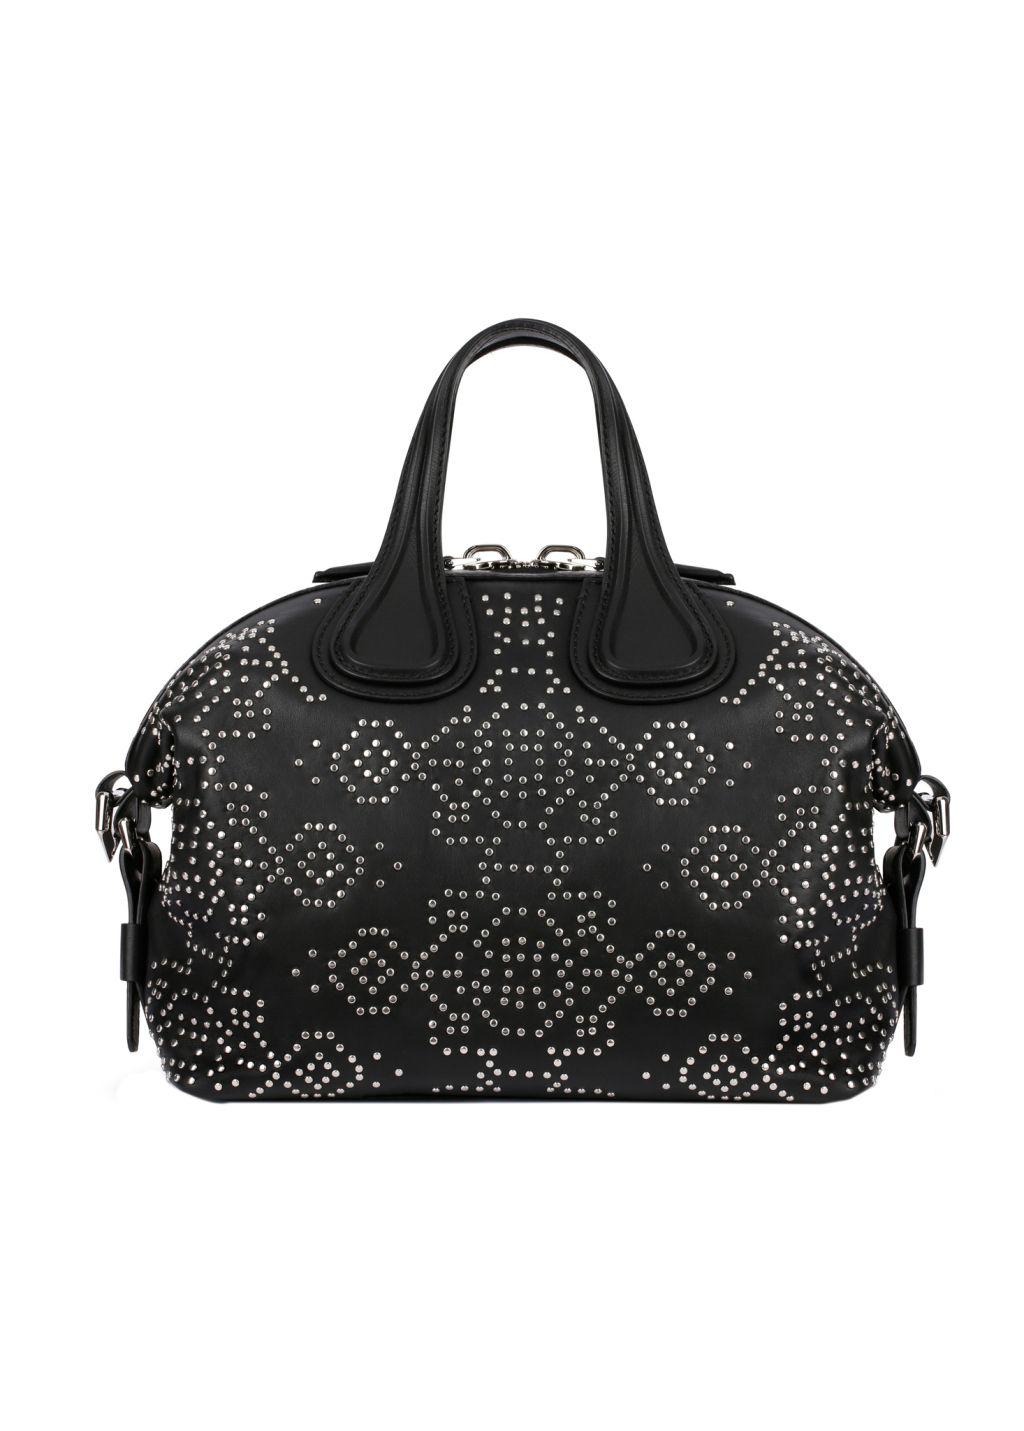 Givenchy Black Embellished Bag.